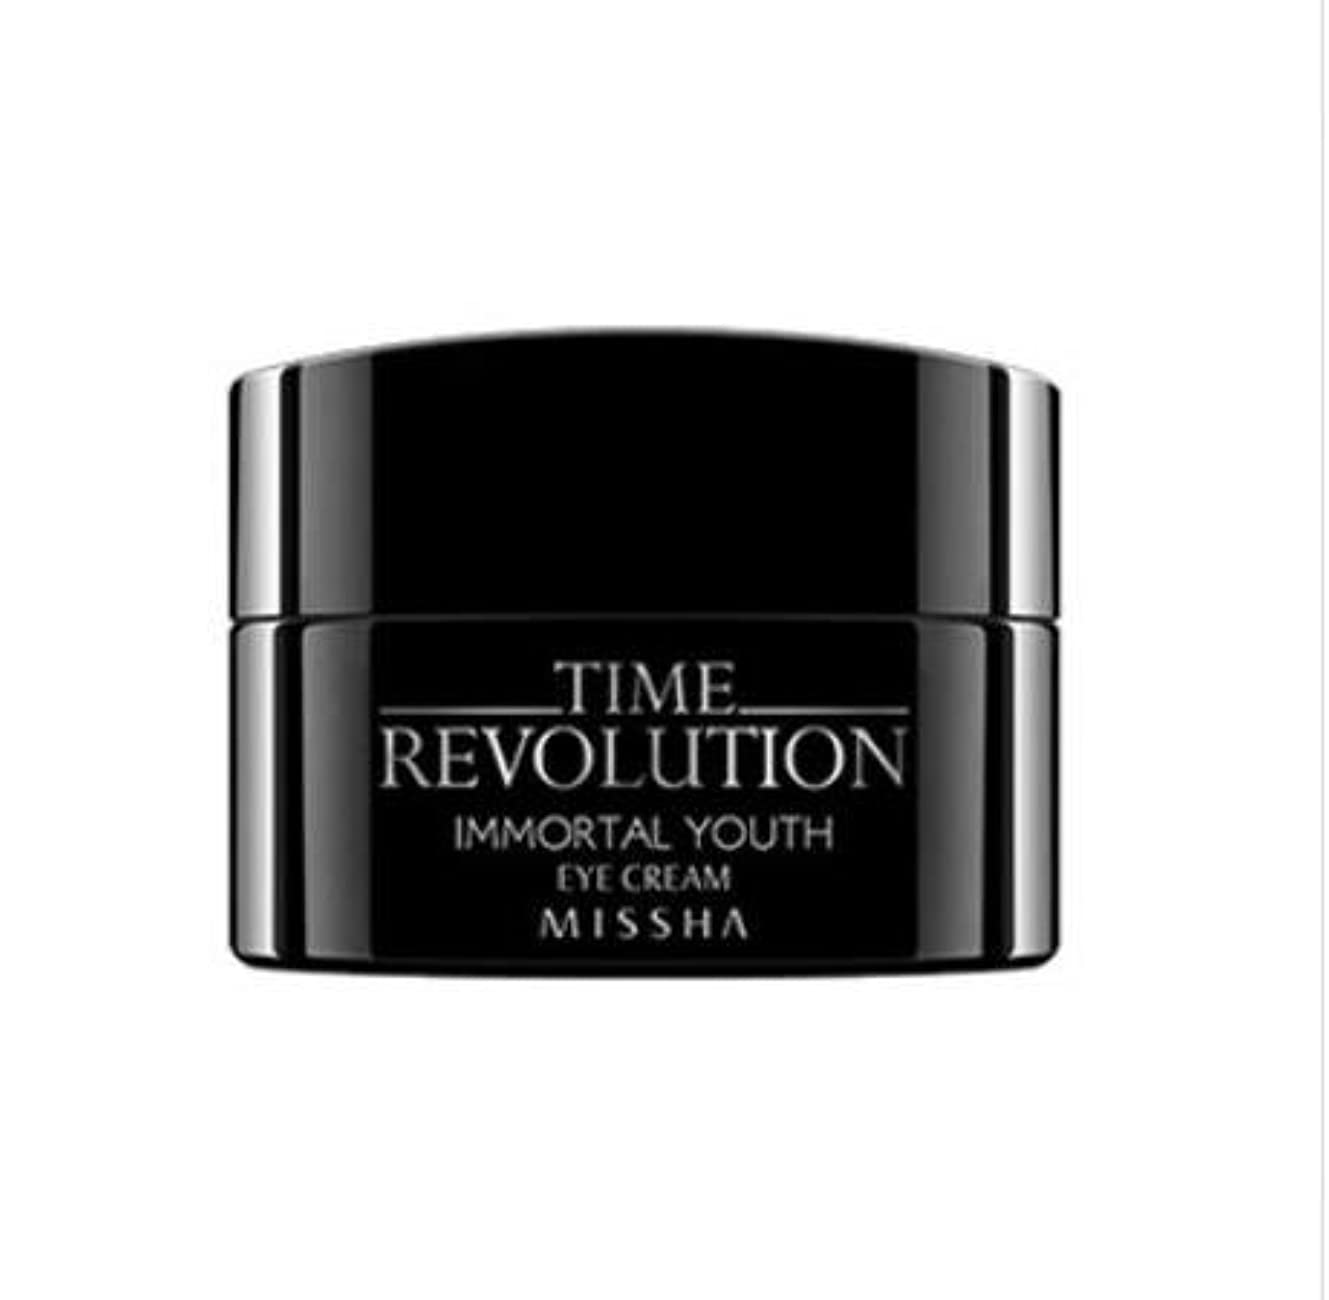 に向けて出発アンタゴニスト勇気[ミシャ] Missha [タイムレボリューション イモタルユース アイクリーム](MISSHA Time Revolution Immortal Youth Eye Cream) [並行輸入品]